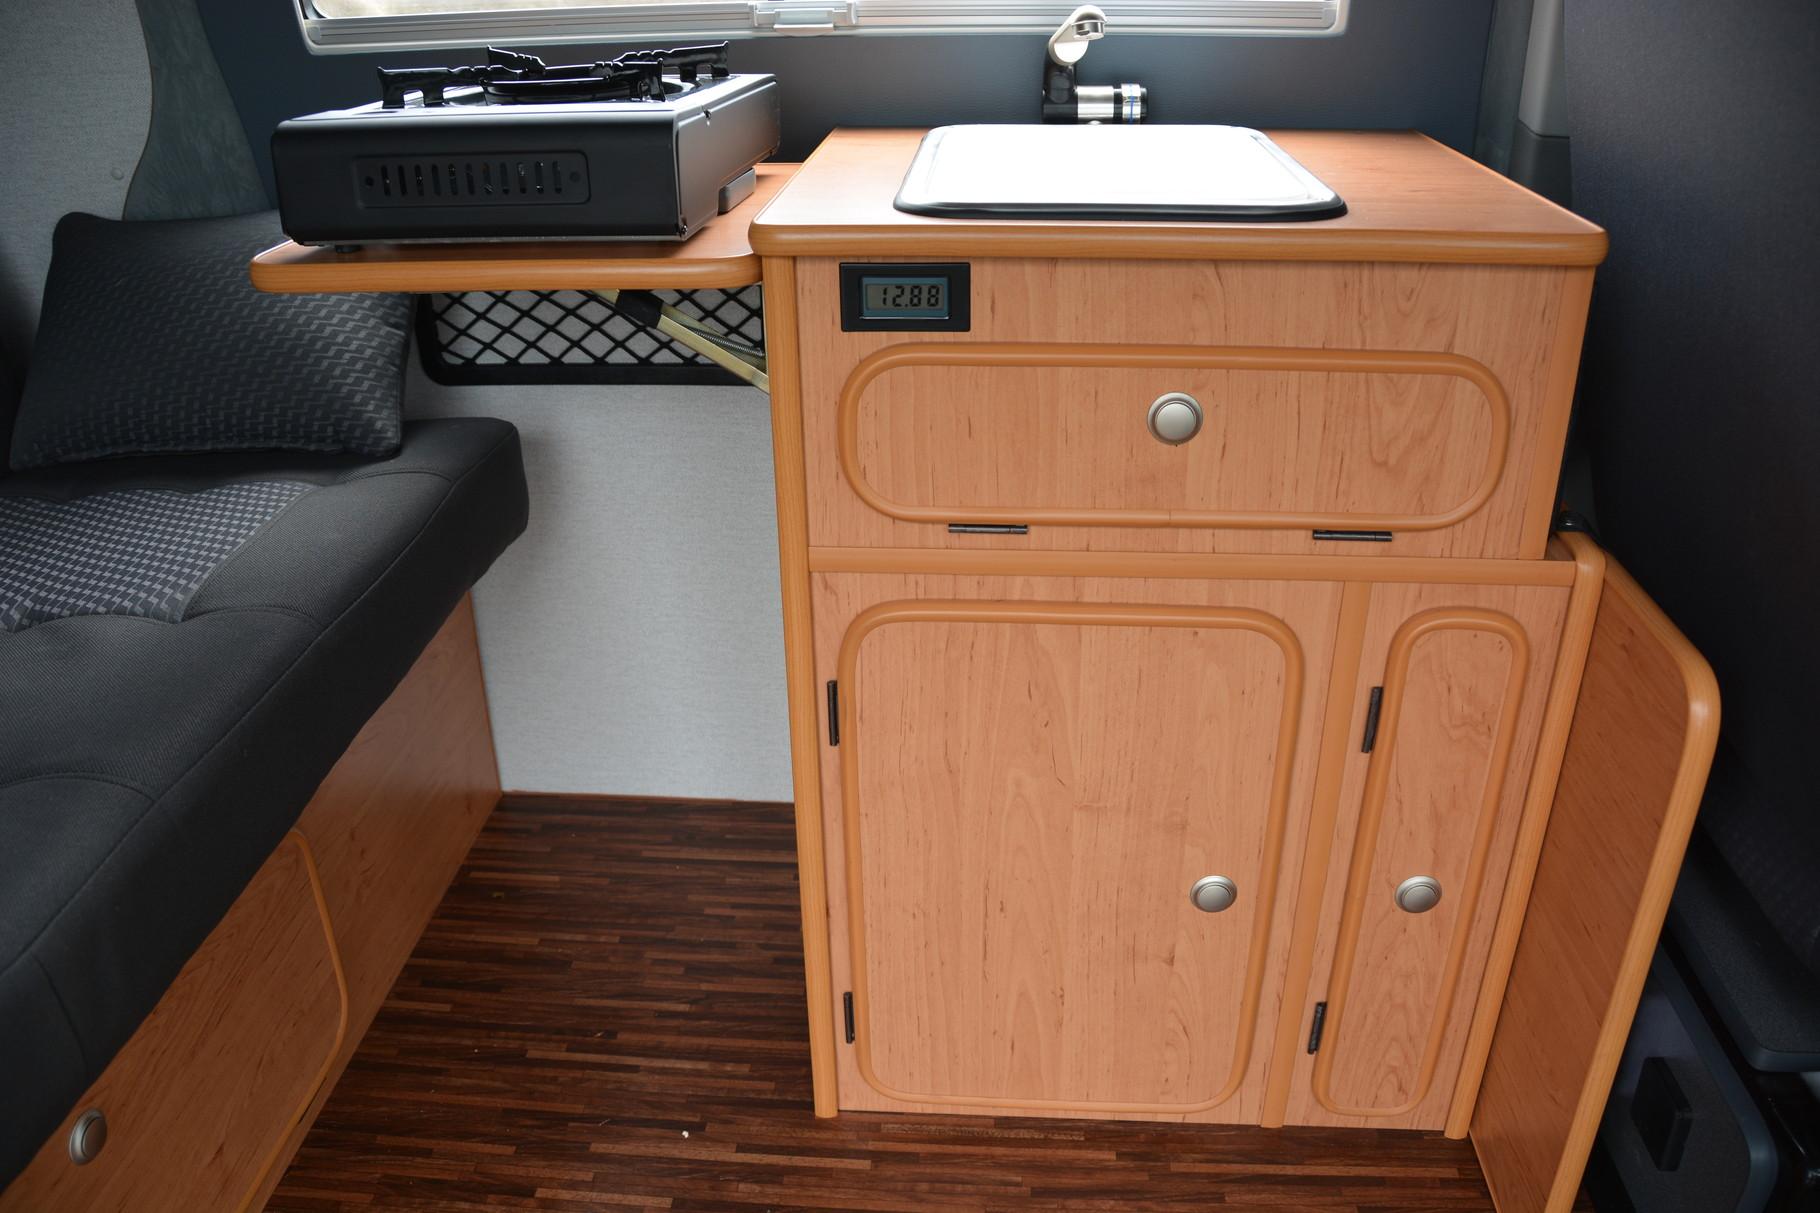 T5 Kuchenblock Gebraucht T5 Kuchenblock Ikea